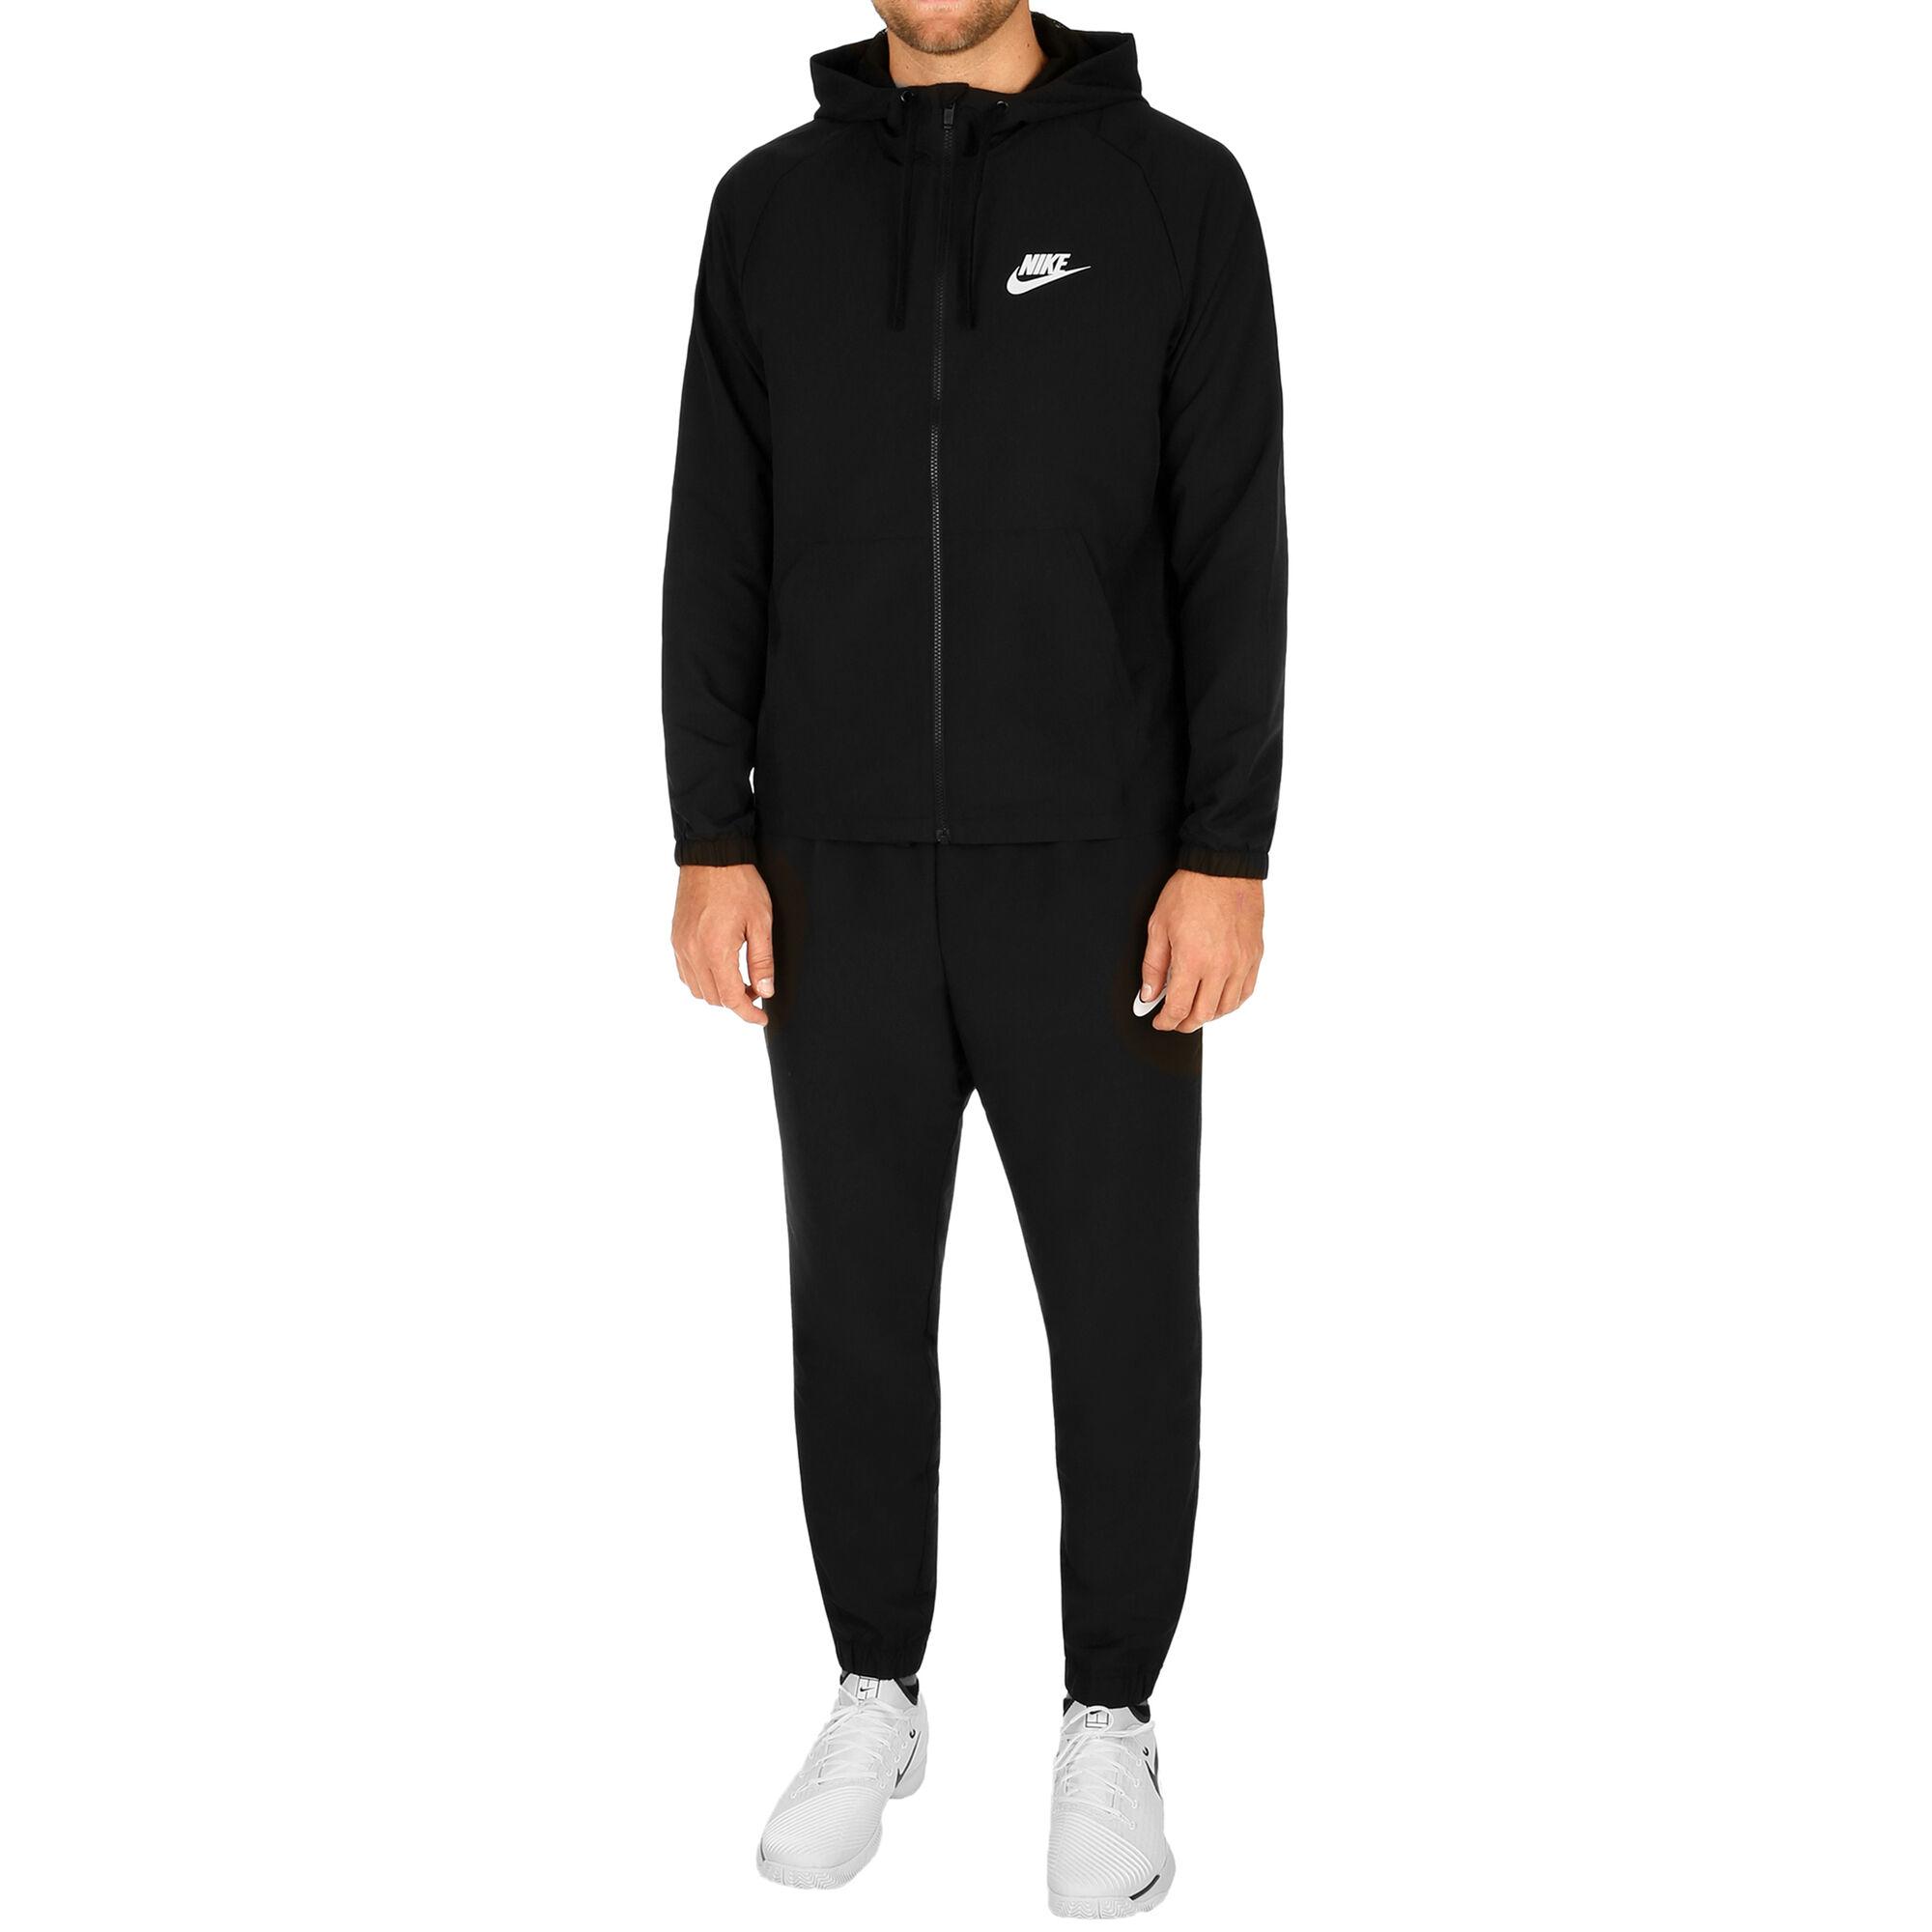 demasiado Secretario crucero  Nike Chándal Hombres - Negro, Blanco compra online | Tennis-Point